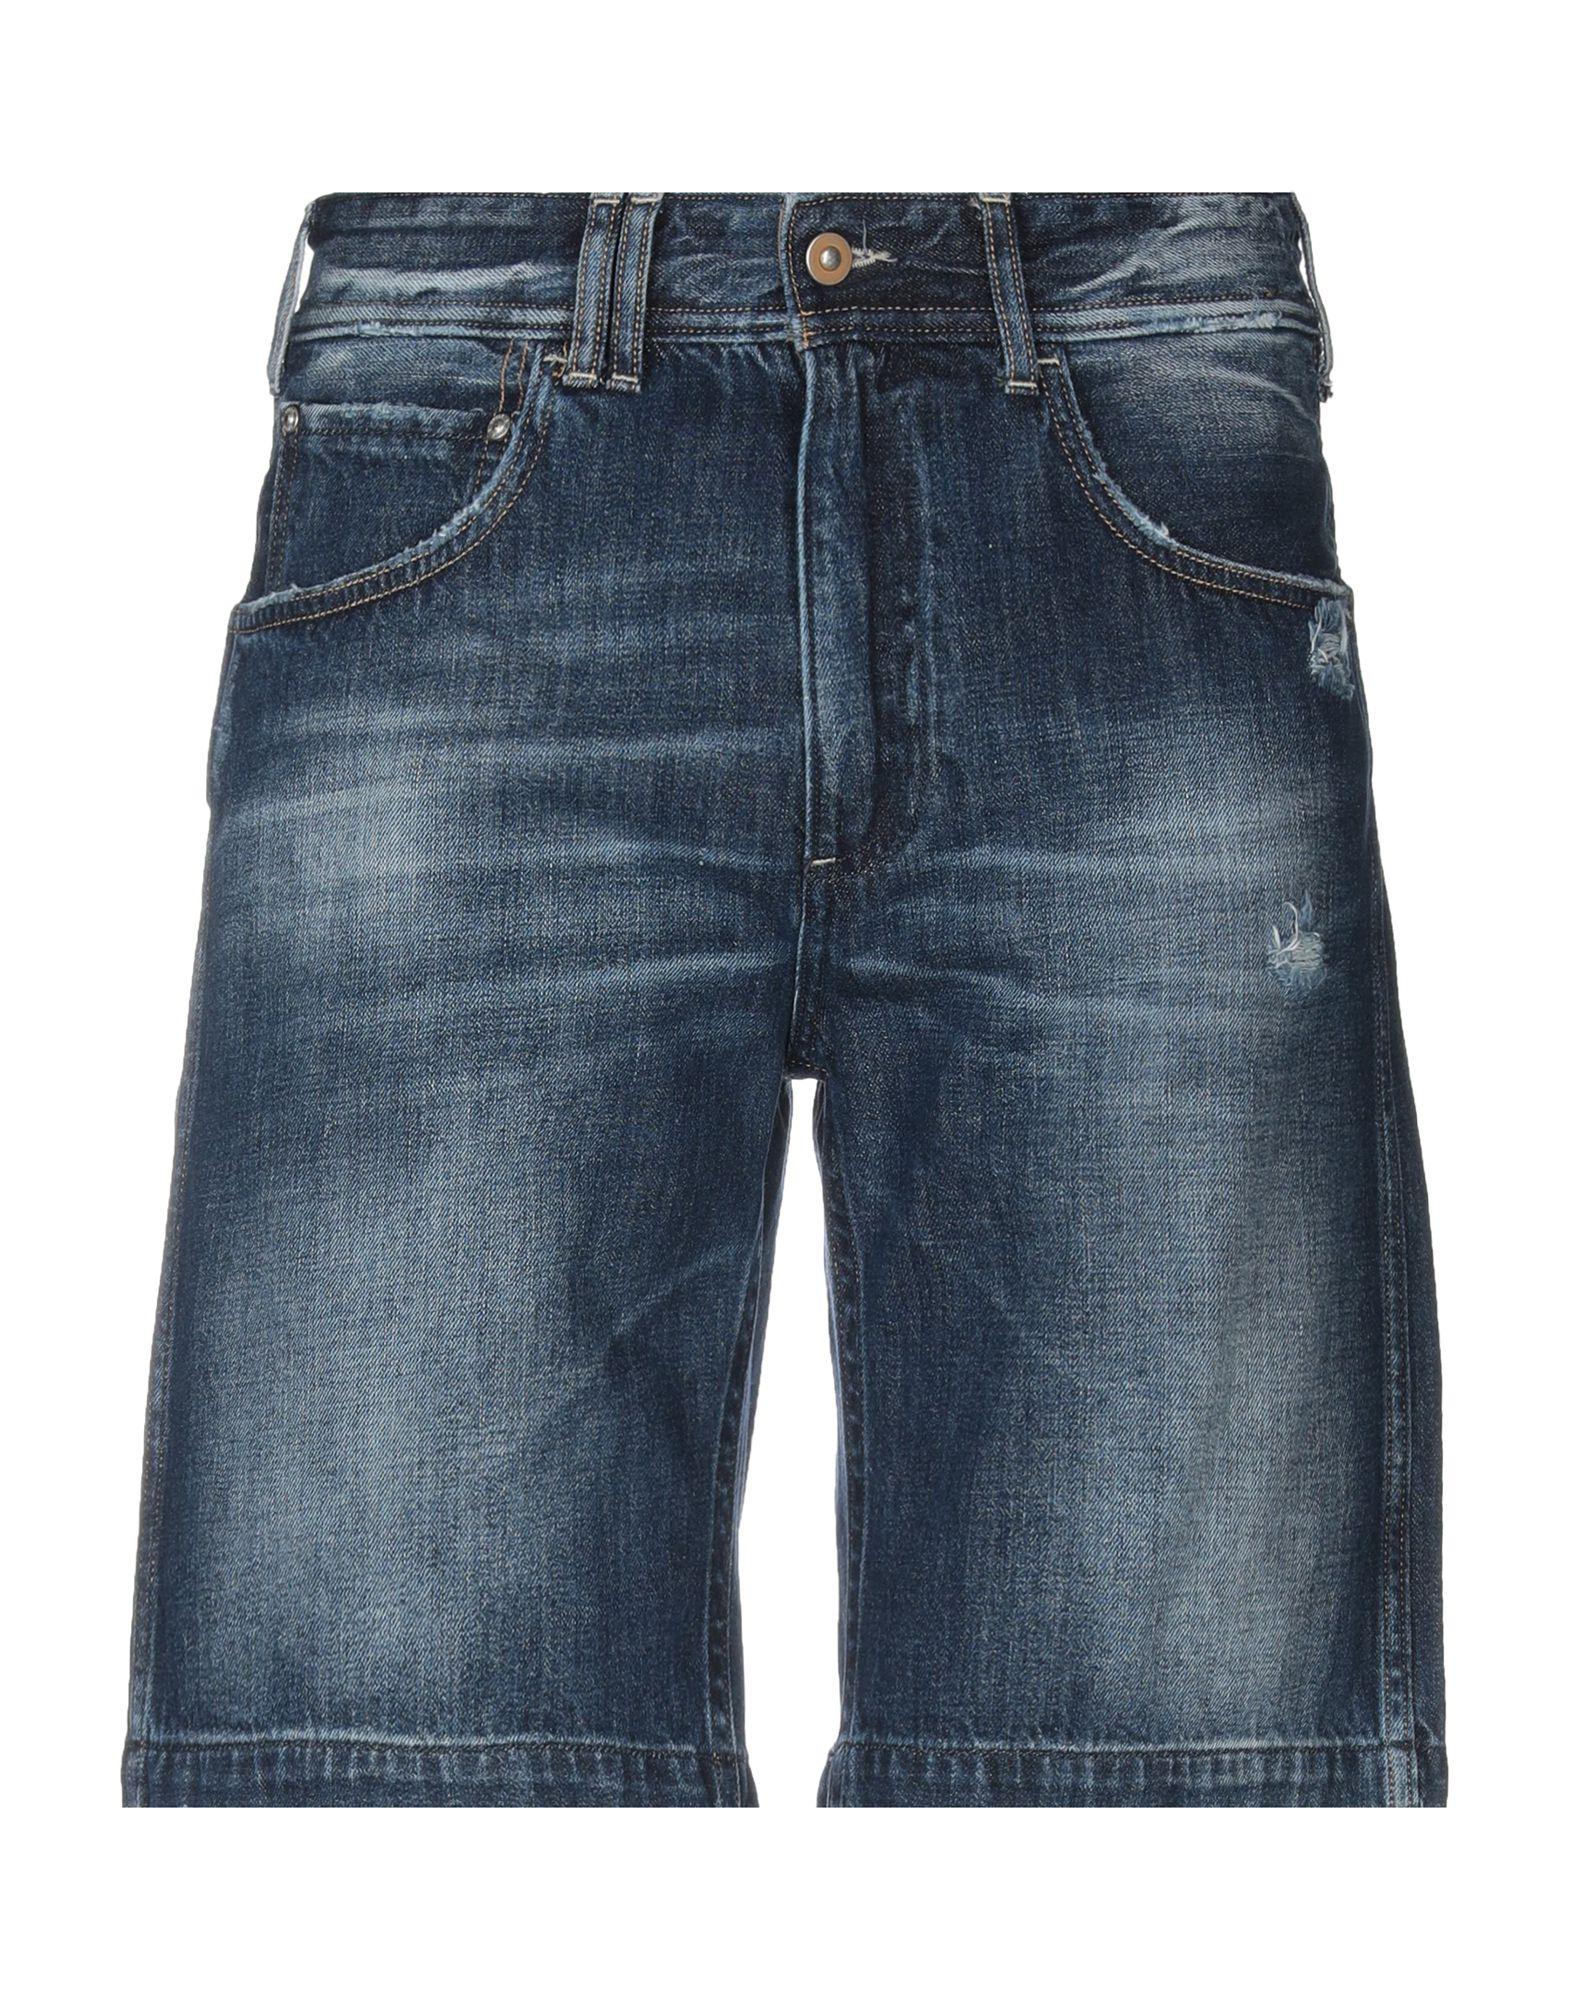 《送料無料》CYCLE メンズ デニムバミューダパンツ ブルー 31 コットン 100%